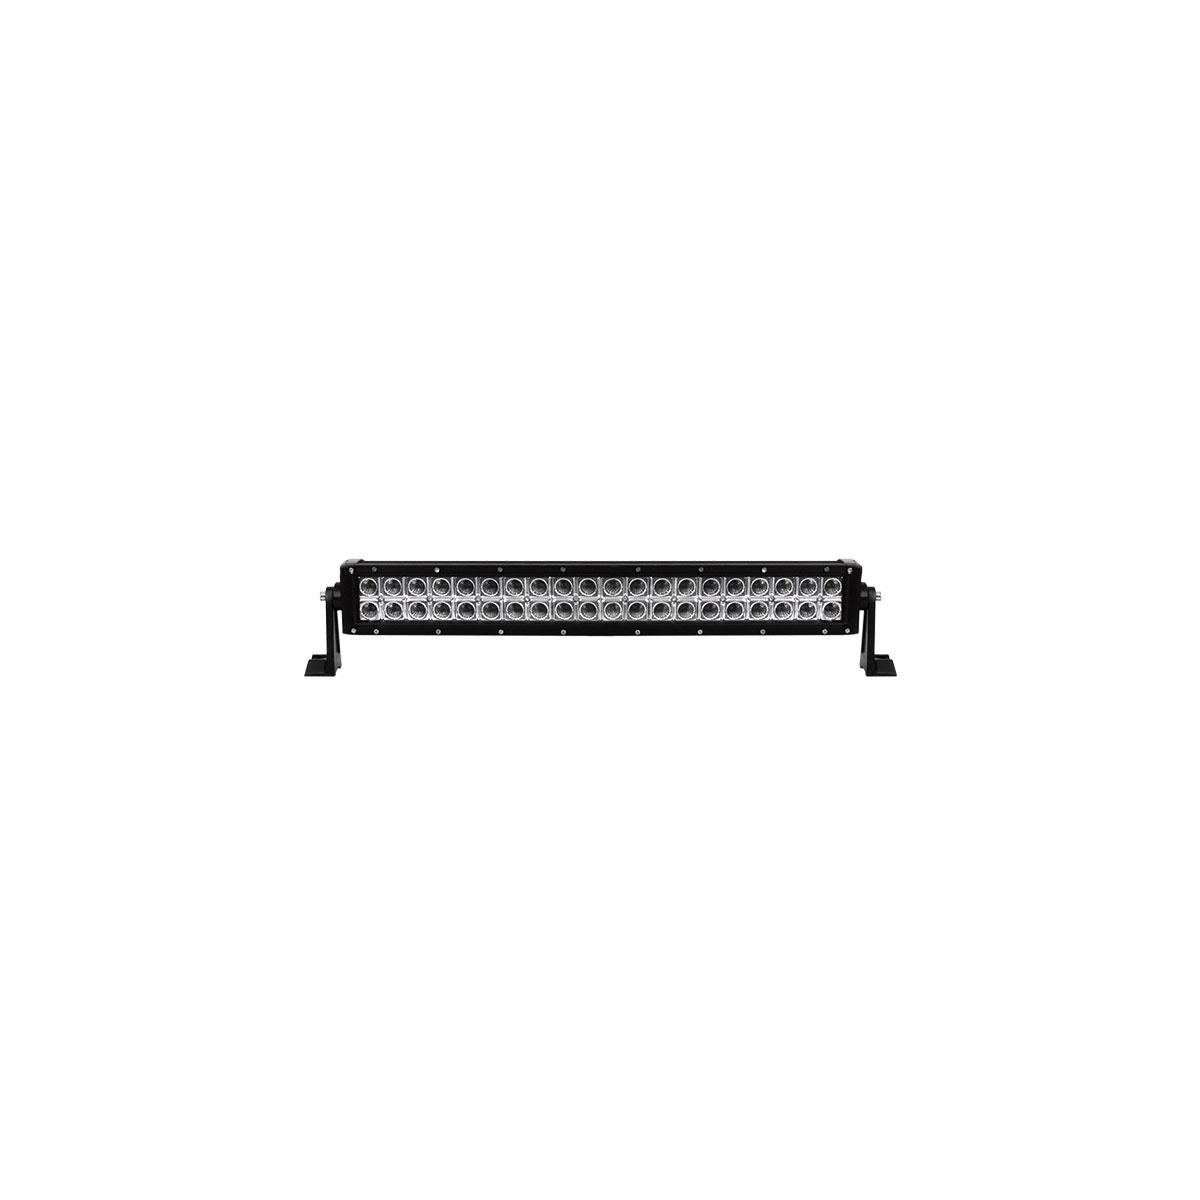 LED Arbeitsscheinwerfer 9600 Lumen Modell 110655